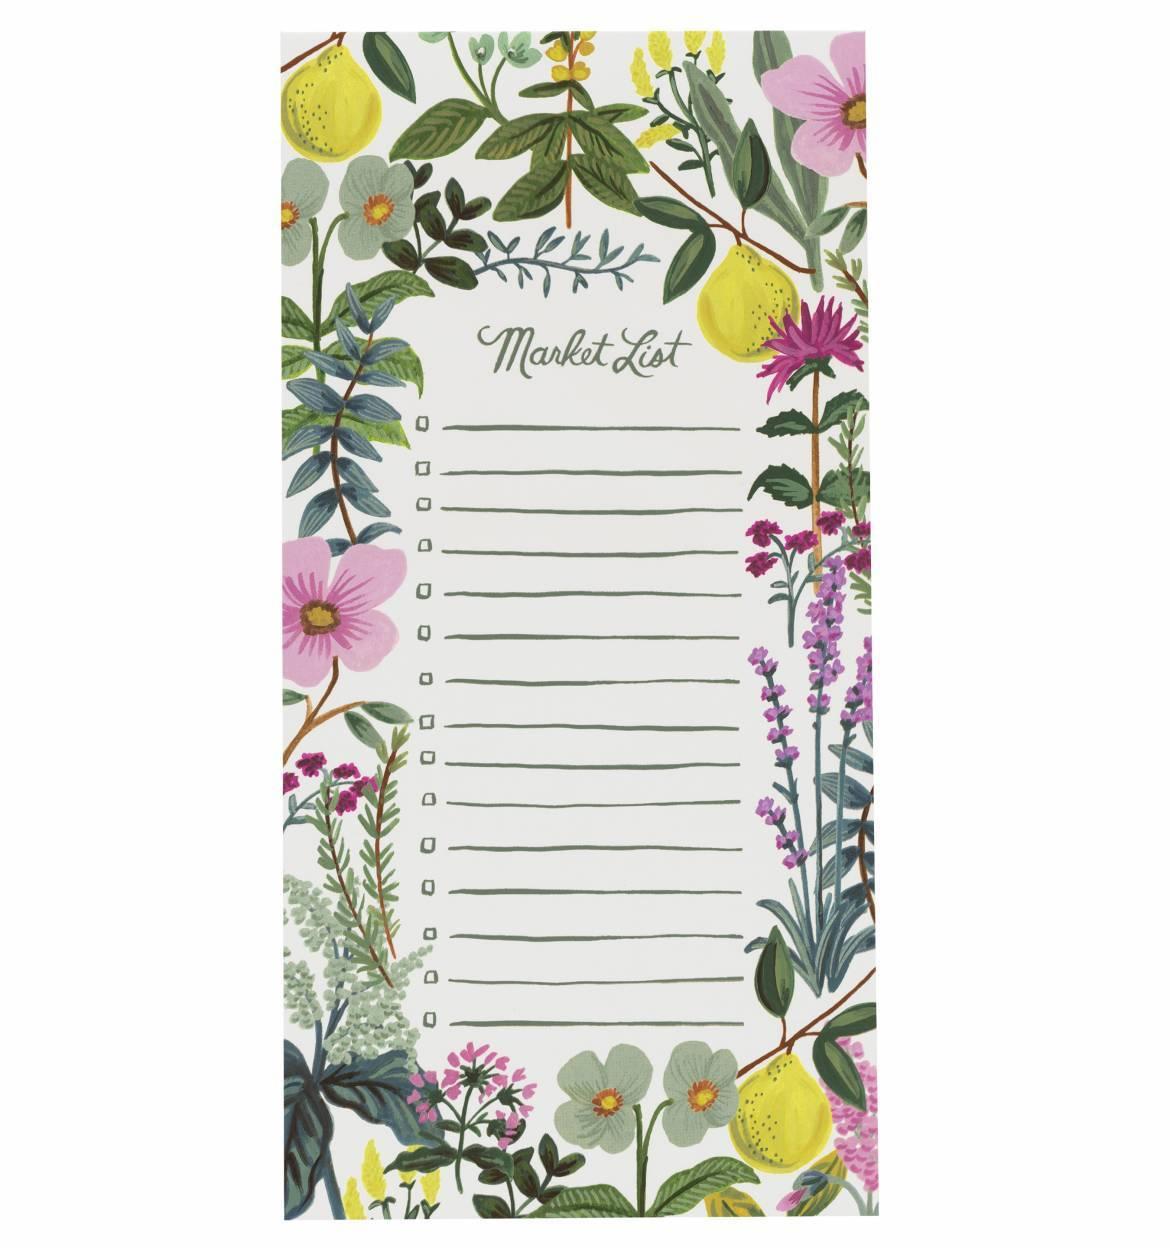 RIFLE - Handleliste, Herb Garden